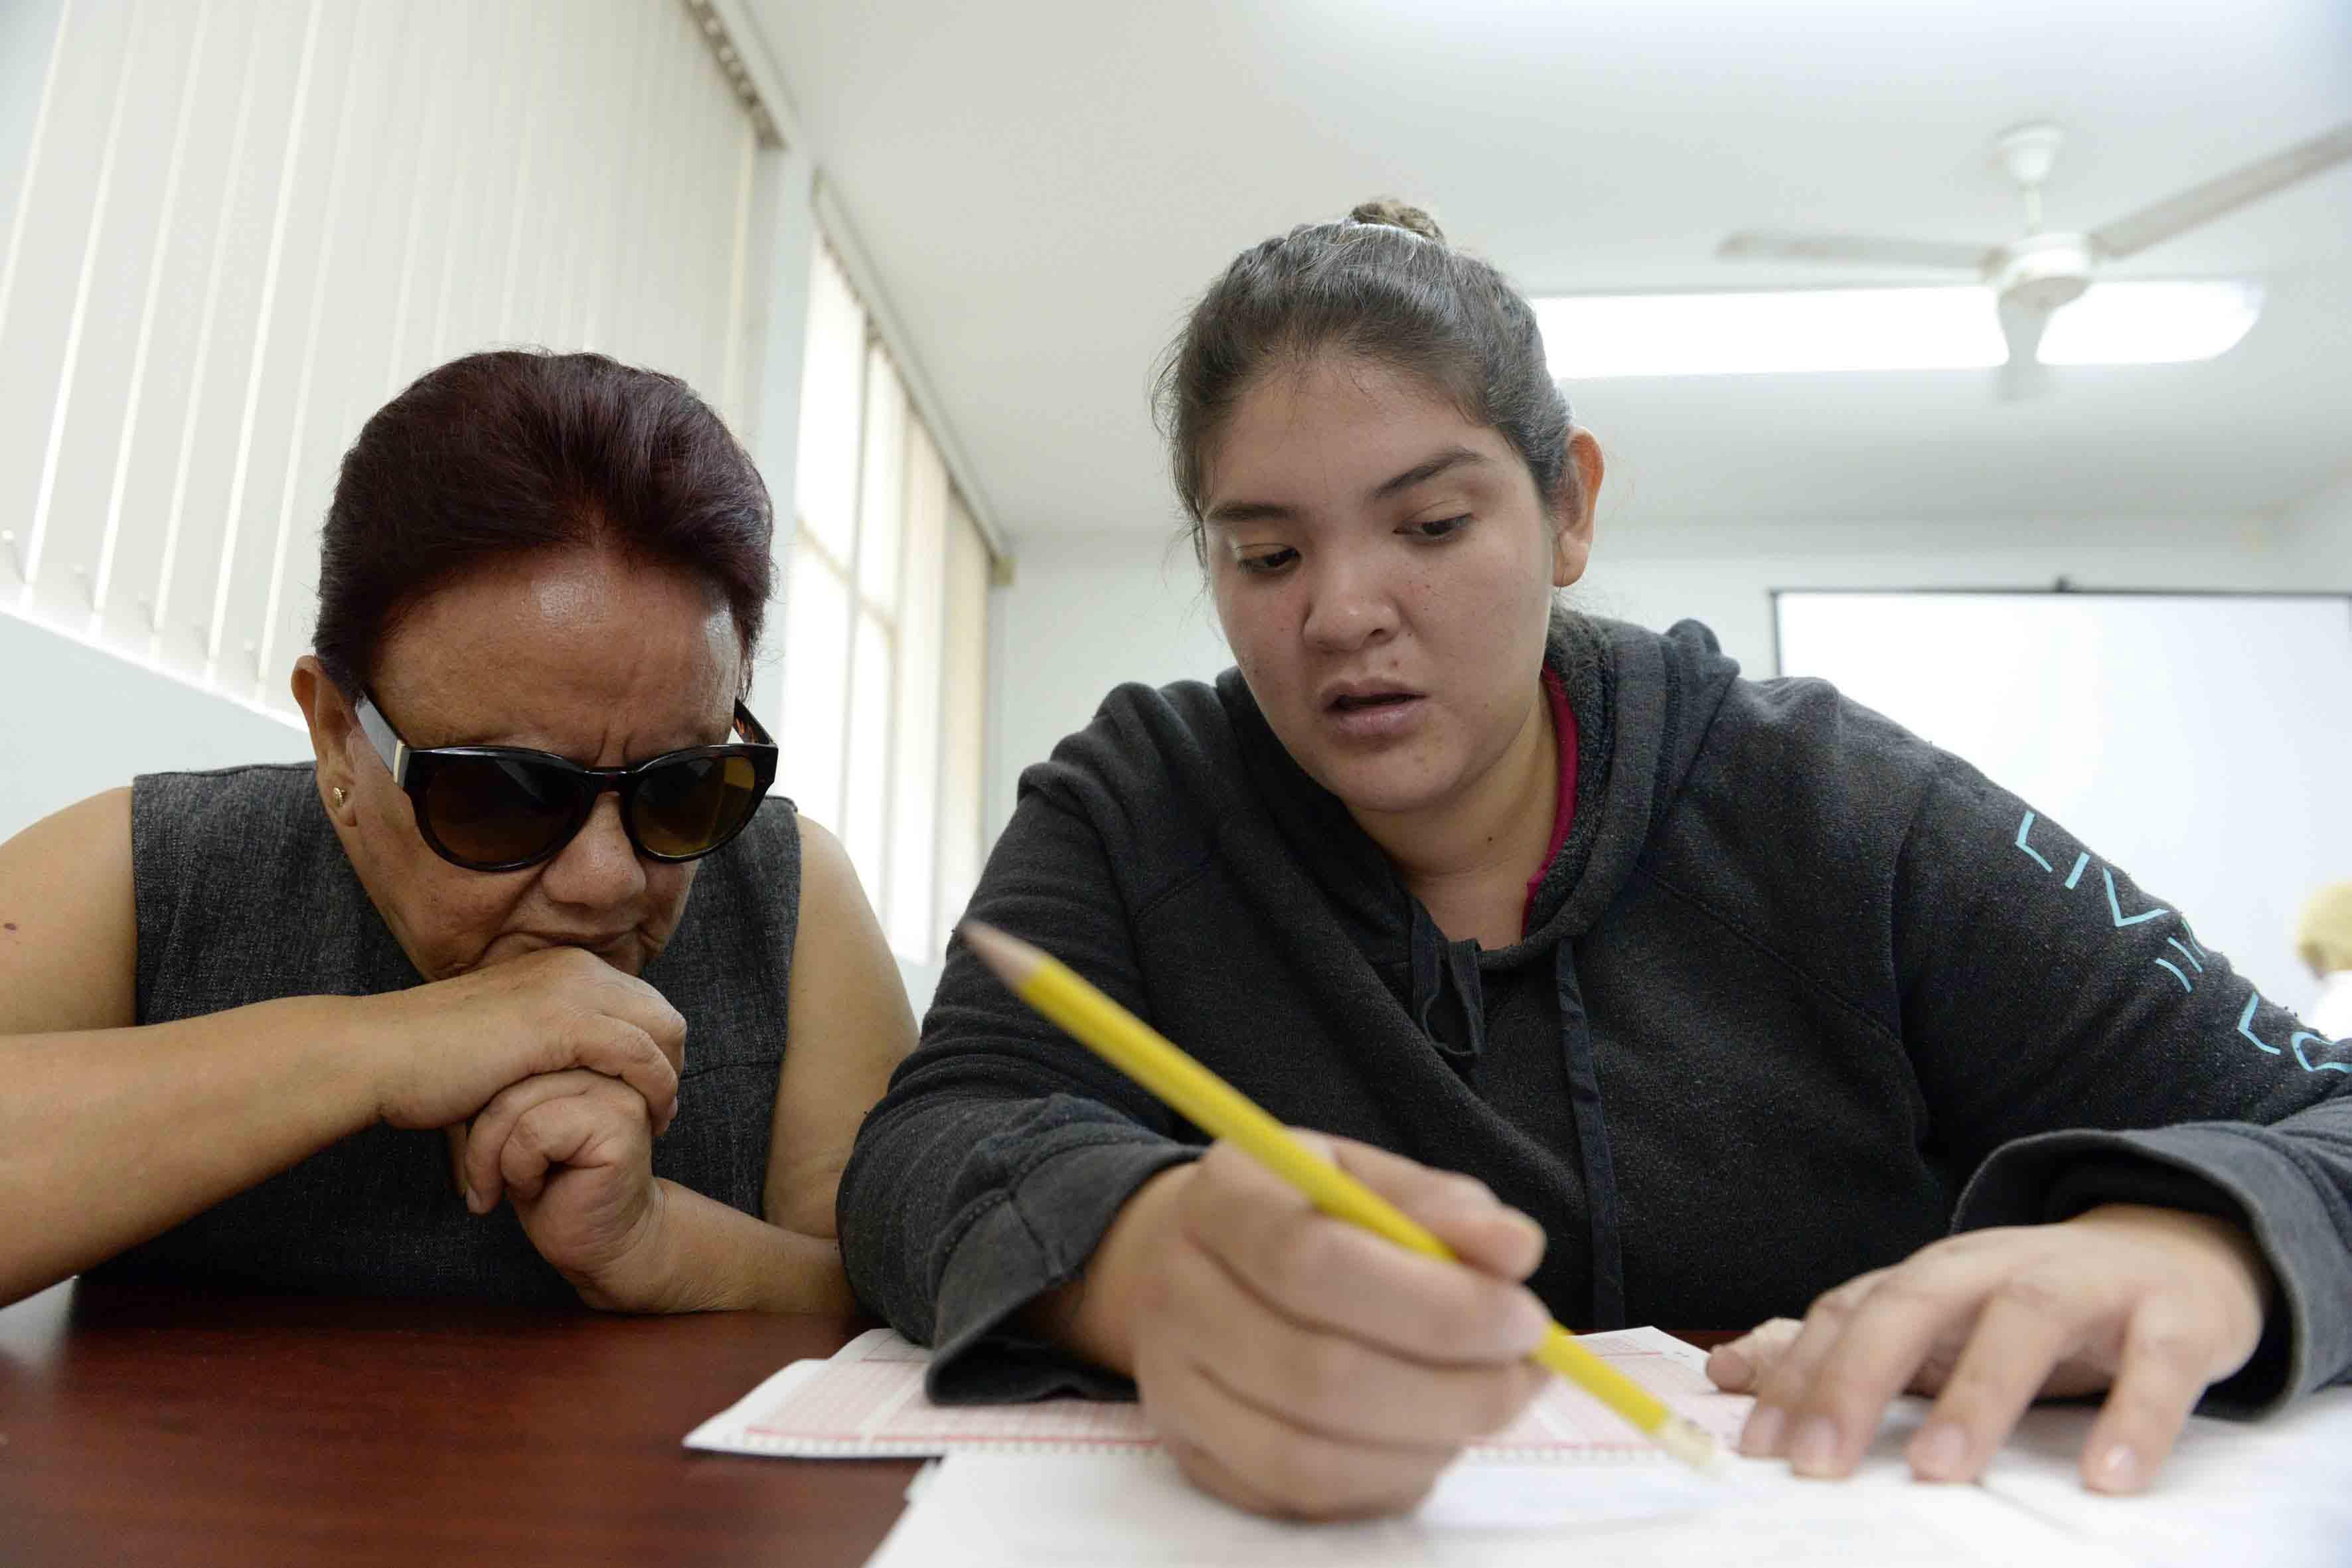 Bibliotecaria fungiendo como lector intérprete, a estudiante con Discapacidad Visual, en la presentación de su examen.